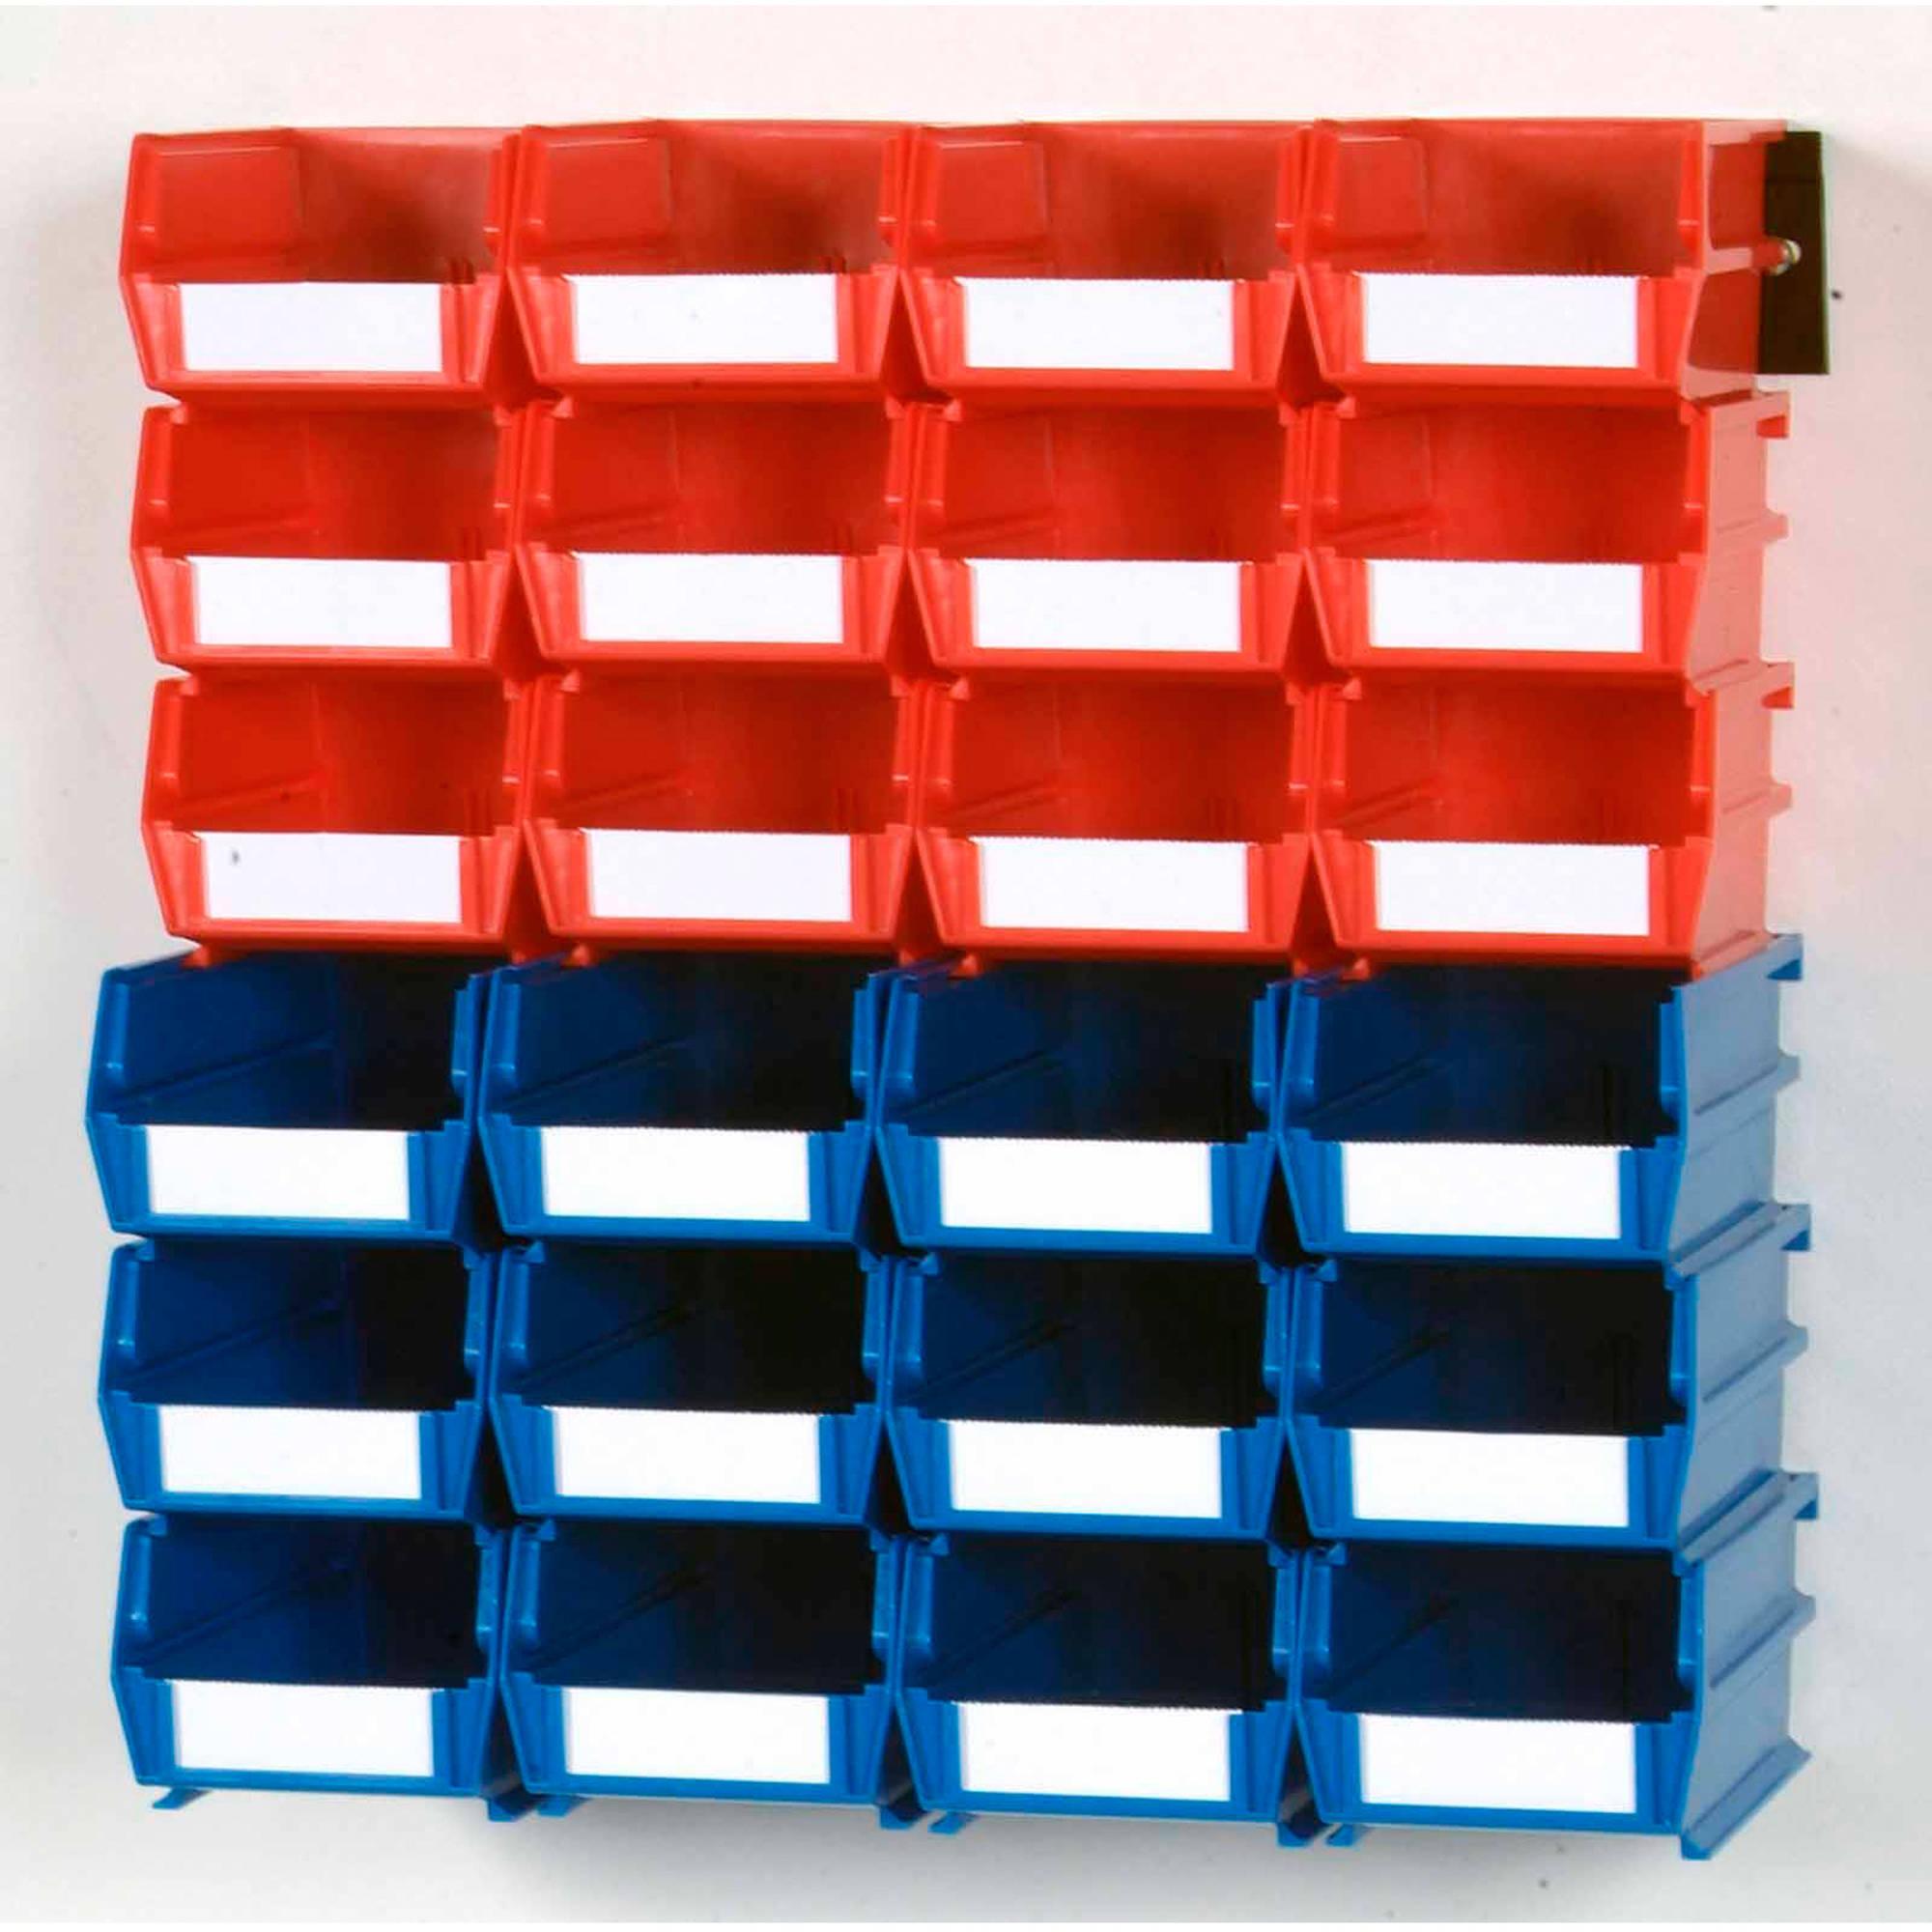 """LocBin 26-Piece Wall Storage Unit with (12) 5-3/8""""L x 4-1/8""""W x 3""""H Red Bins & (12) 7-3/8""""L x 4-1/8""""W x 3""""H Blue Bins, 24ct, Wall Mount Rails 8-3/4""""L with Hardware, 2pk"""